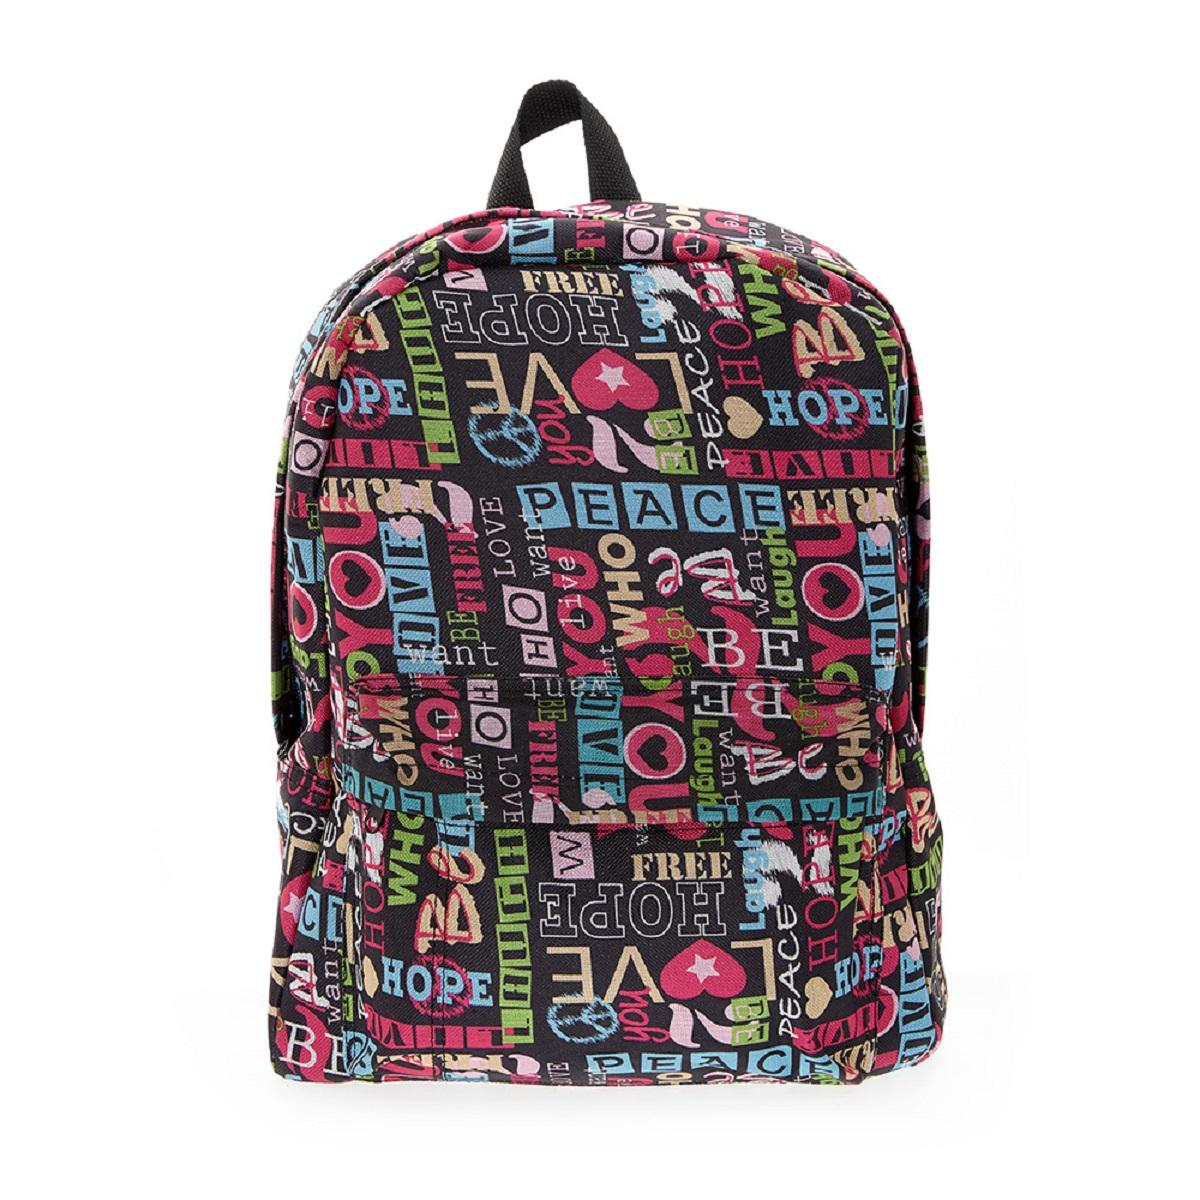 Рюкзак городской 3D Bags Хиппи, 16 л24040-635Стильный, вместительный и практичный, рюкзак понравится и школьникам, и студентам. Просторный внутренний отсек, наружний карман на молнии будут очень удобны в использовании.